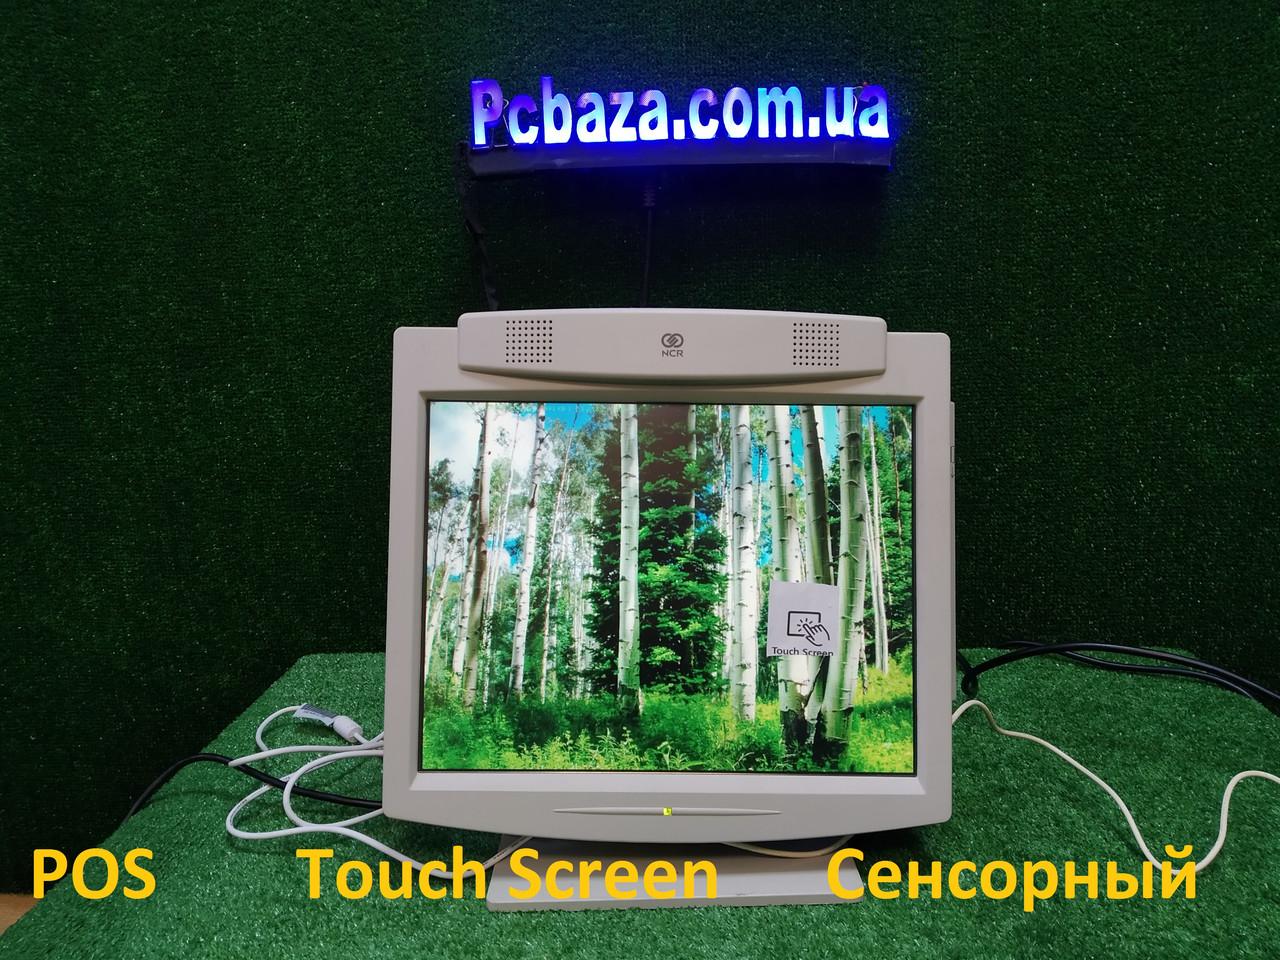 """NCR 15"""" Touchscreen Monitor \ Сенсорный монитор \ USB Есть ОПТ! POS"""